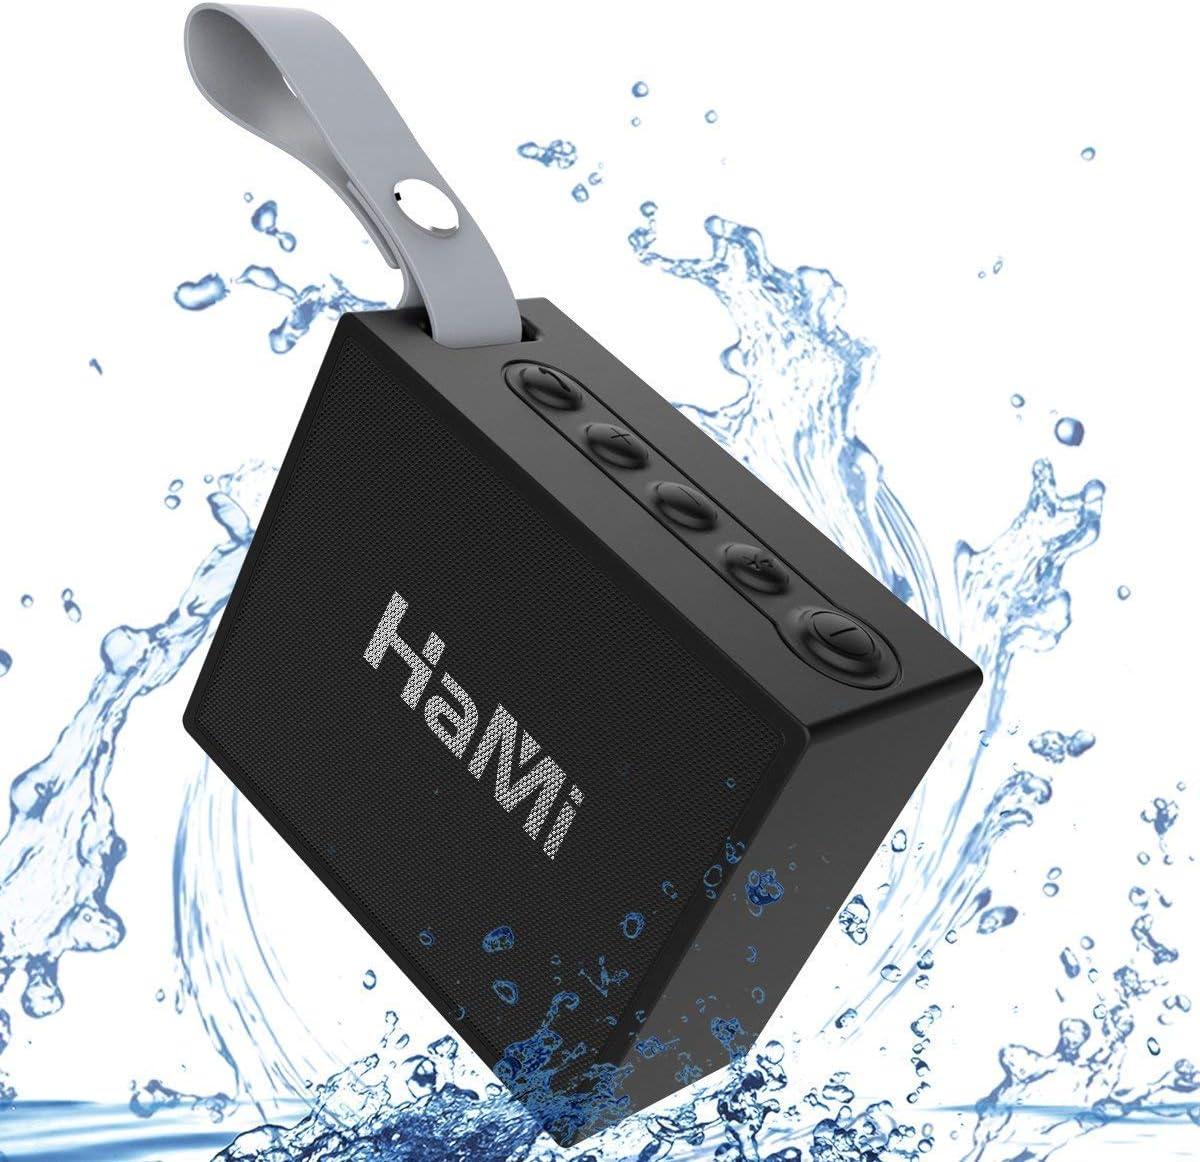 WEILIGU IP66 Waterproof Bluetooth Speaker with 12-Hour Playtime, 66-Foot Bluetooth Range Built-in Mic Portable Wireless Bluetooth 4.2 Speaker with Selfie Mic